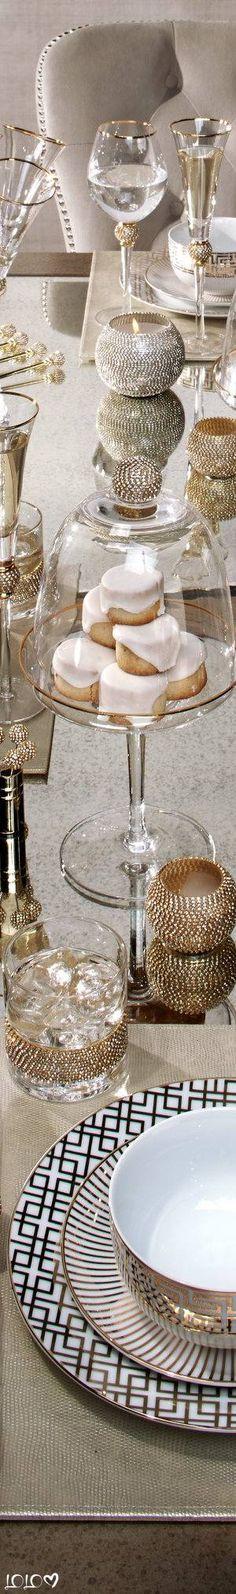 Z Gallerie Dining #moderndecor #modernglam #homedecor #homeinteriors #moderndining